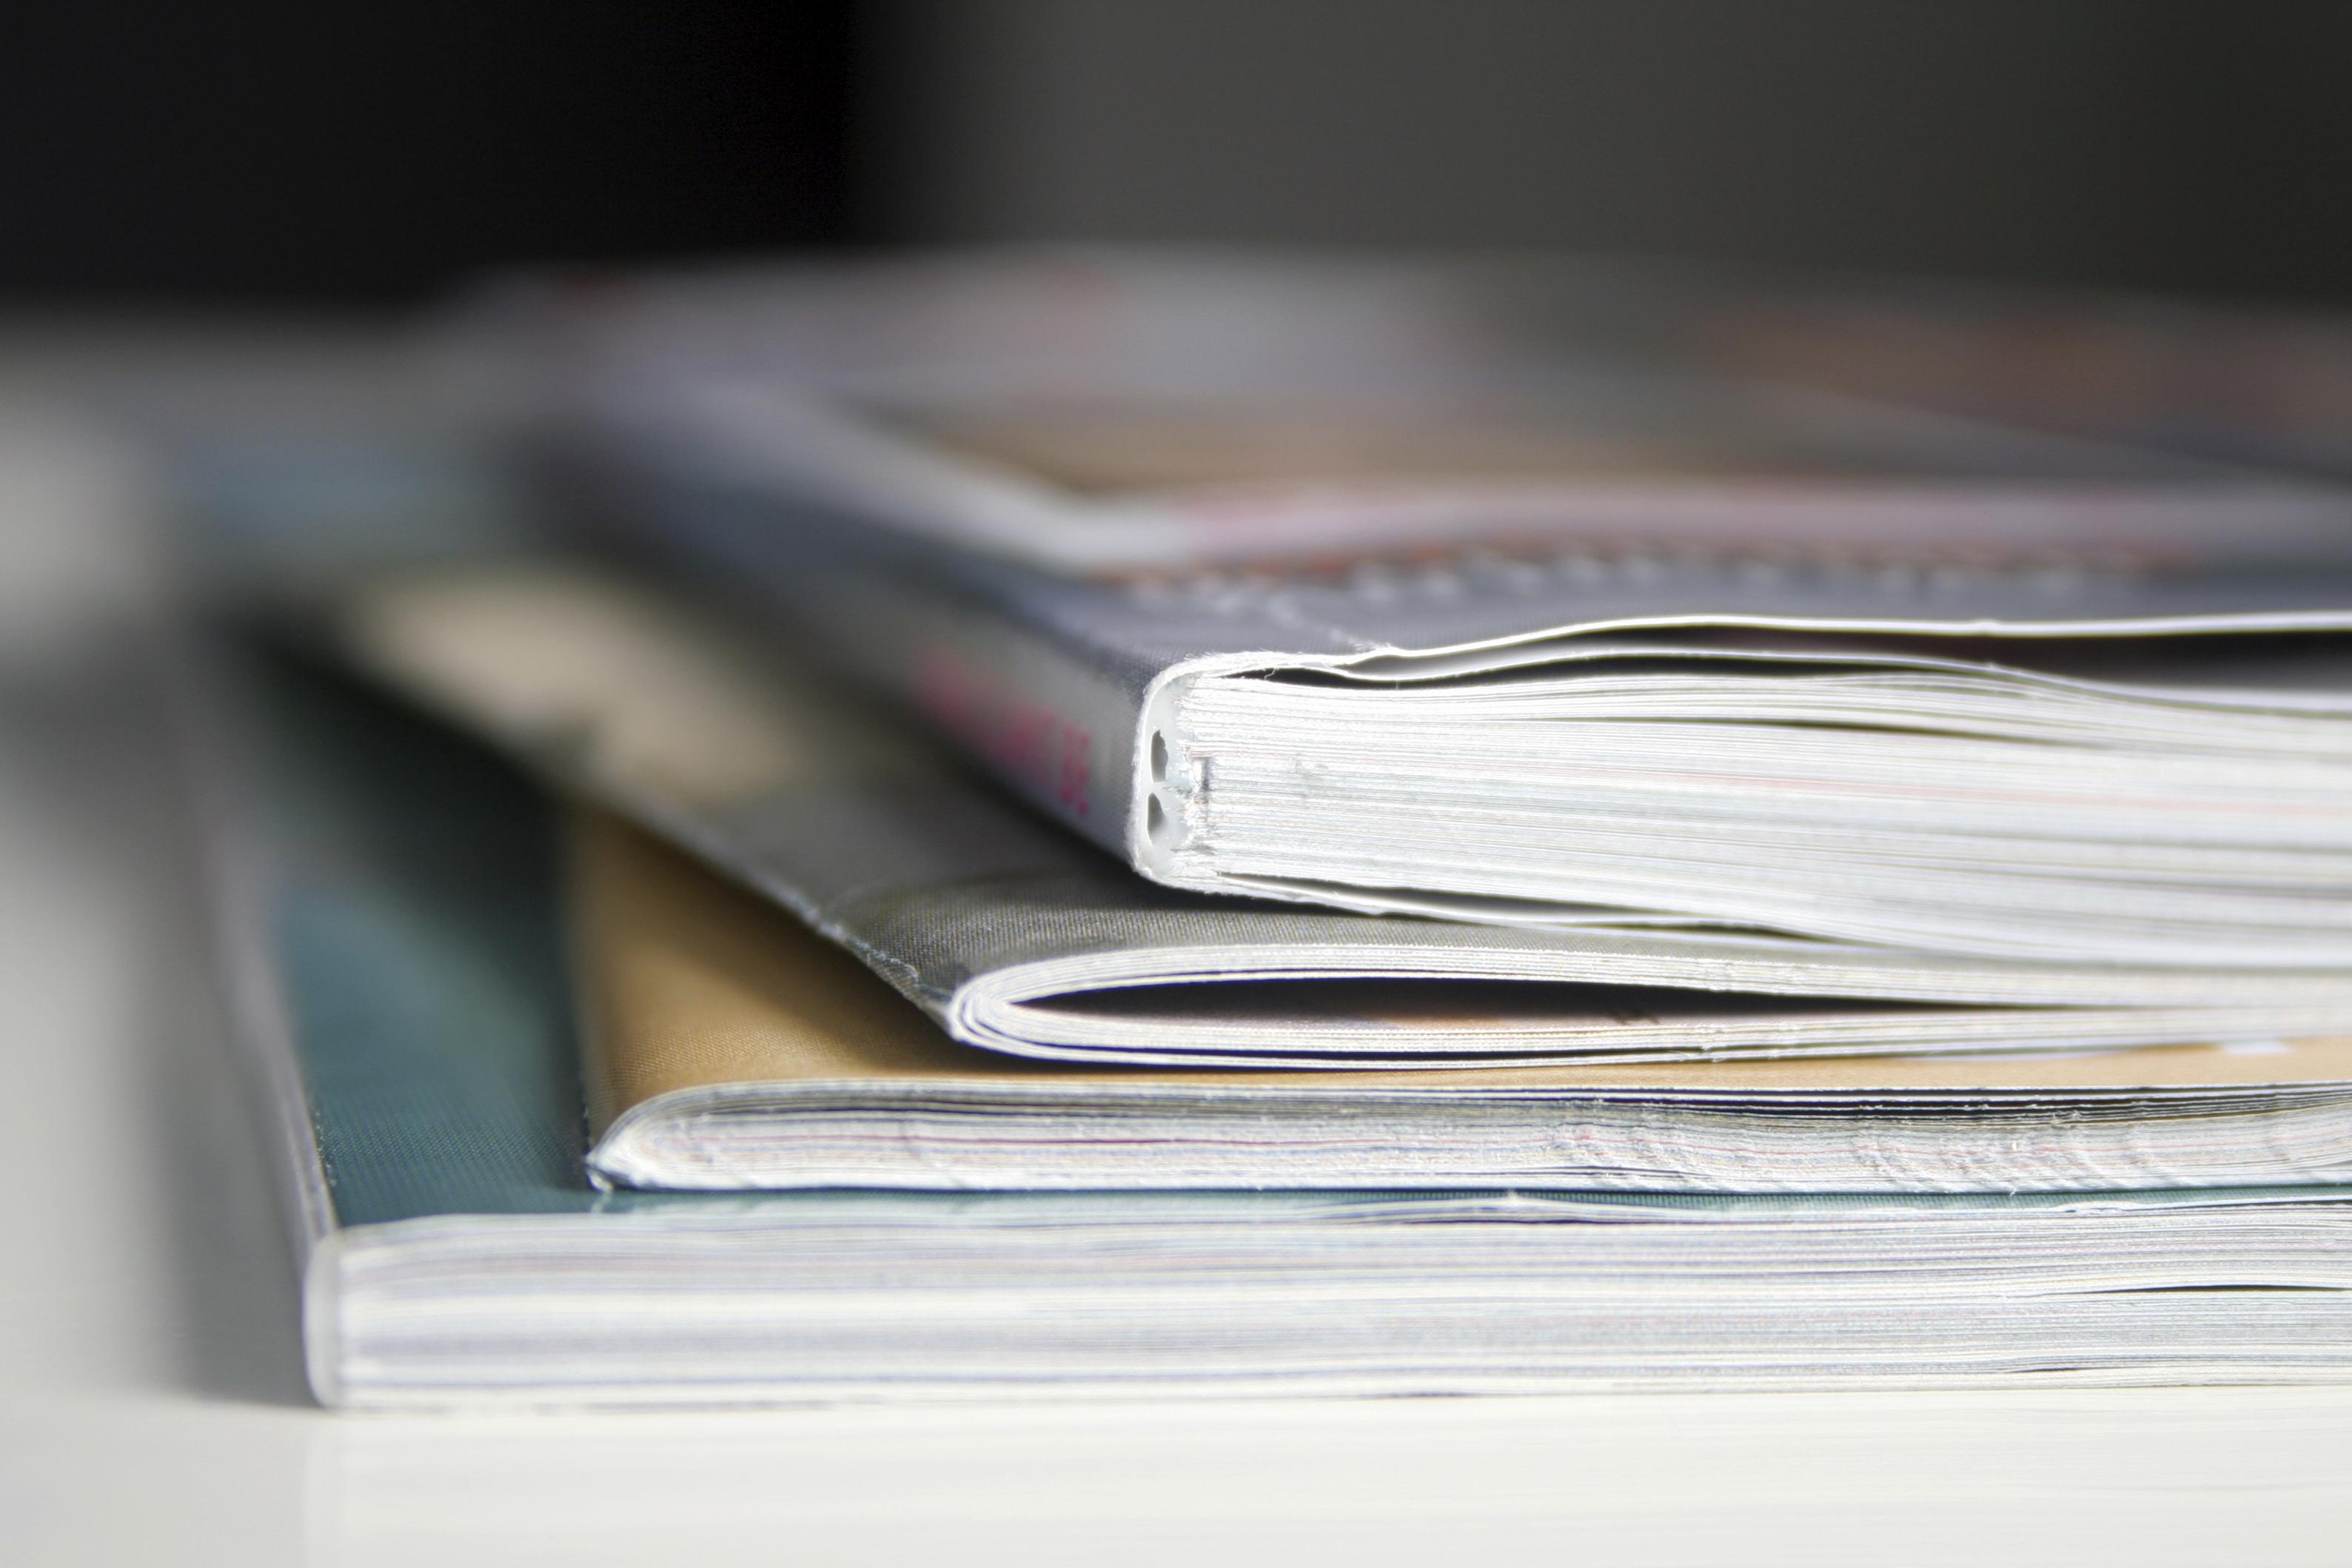 好的投稿信和审稿意见回复信能帮助你加快论文发表速度